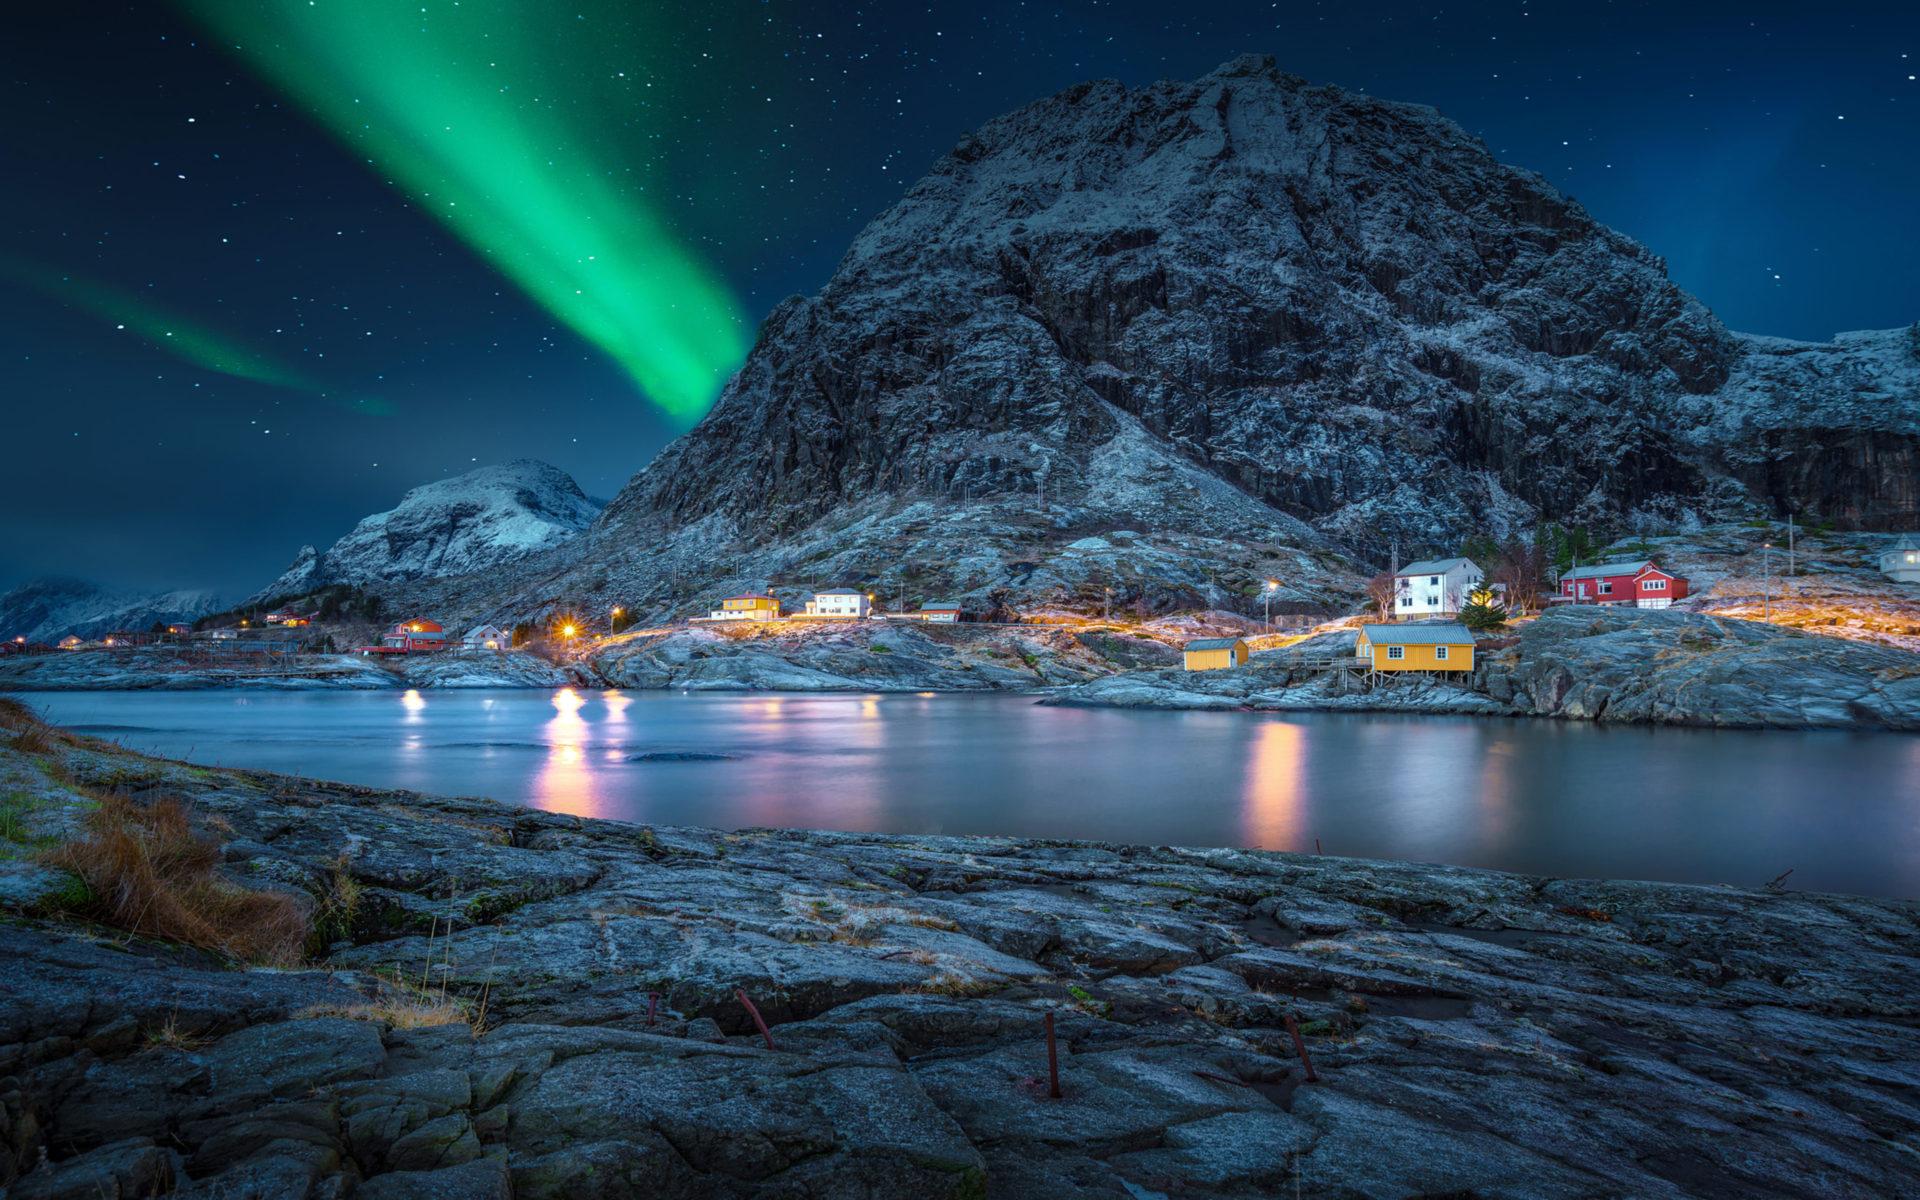 ノルウェー風景壁紙hd 壁紙pc Hd 19x10 Wallpapertip